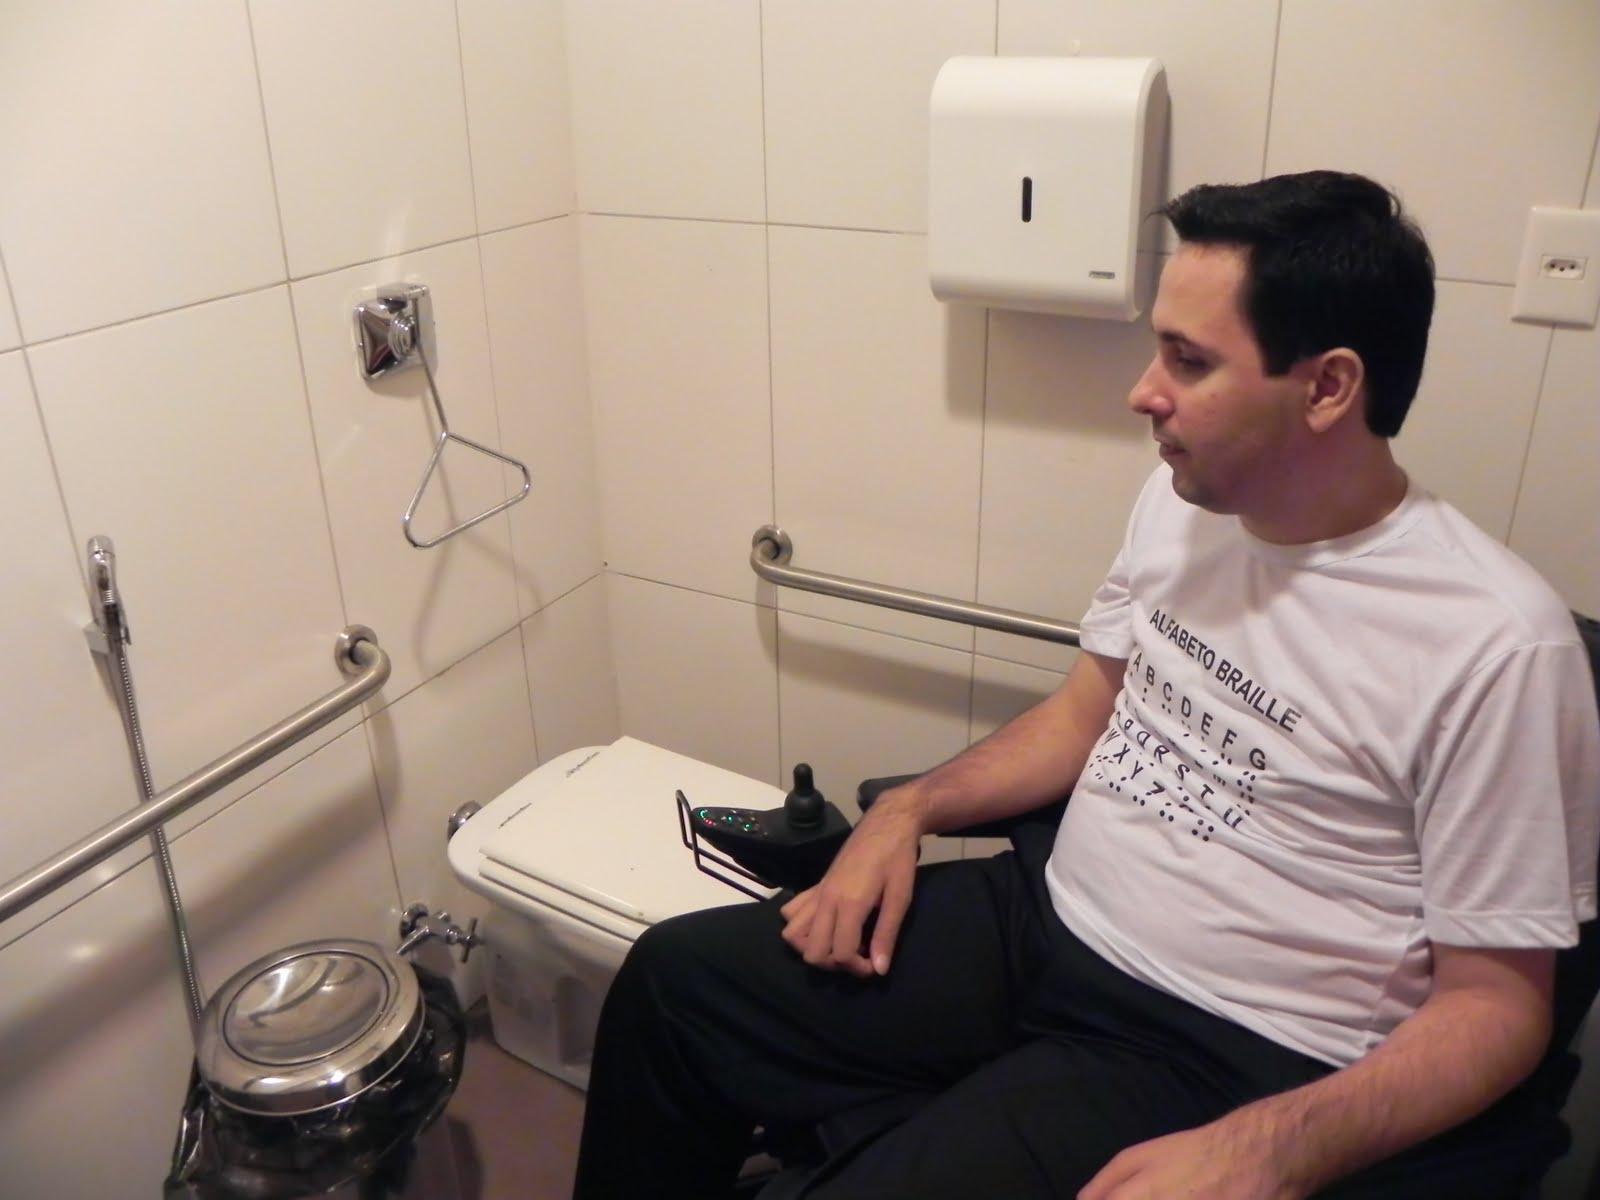 Imagens de #8B5840 Sanitário garante área de transferência da cadeira de rodas para a  1600x1200 px 3594 Barra Banheiro Cadeirante